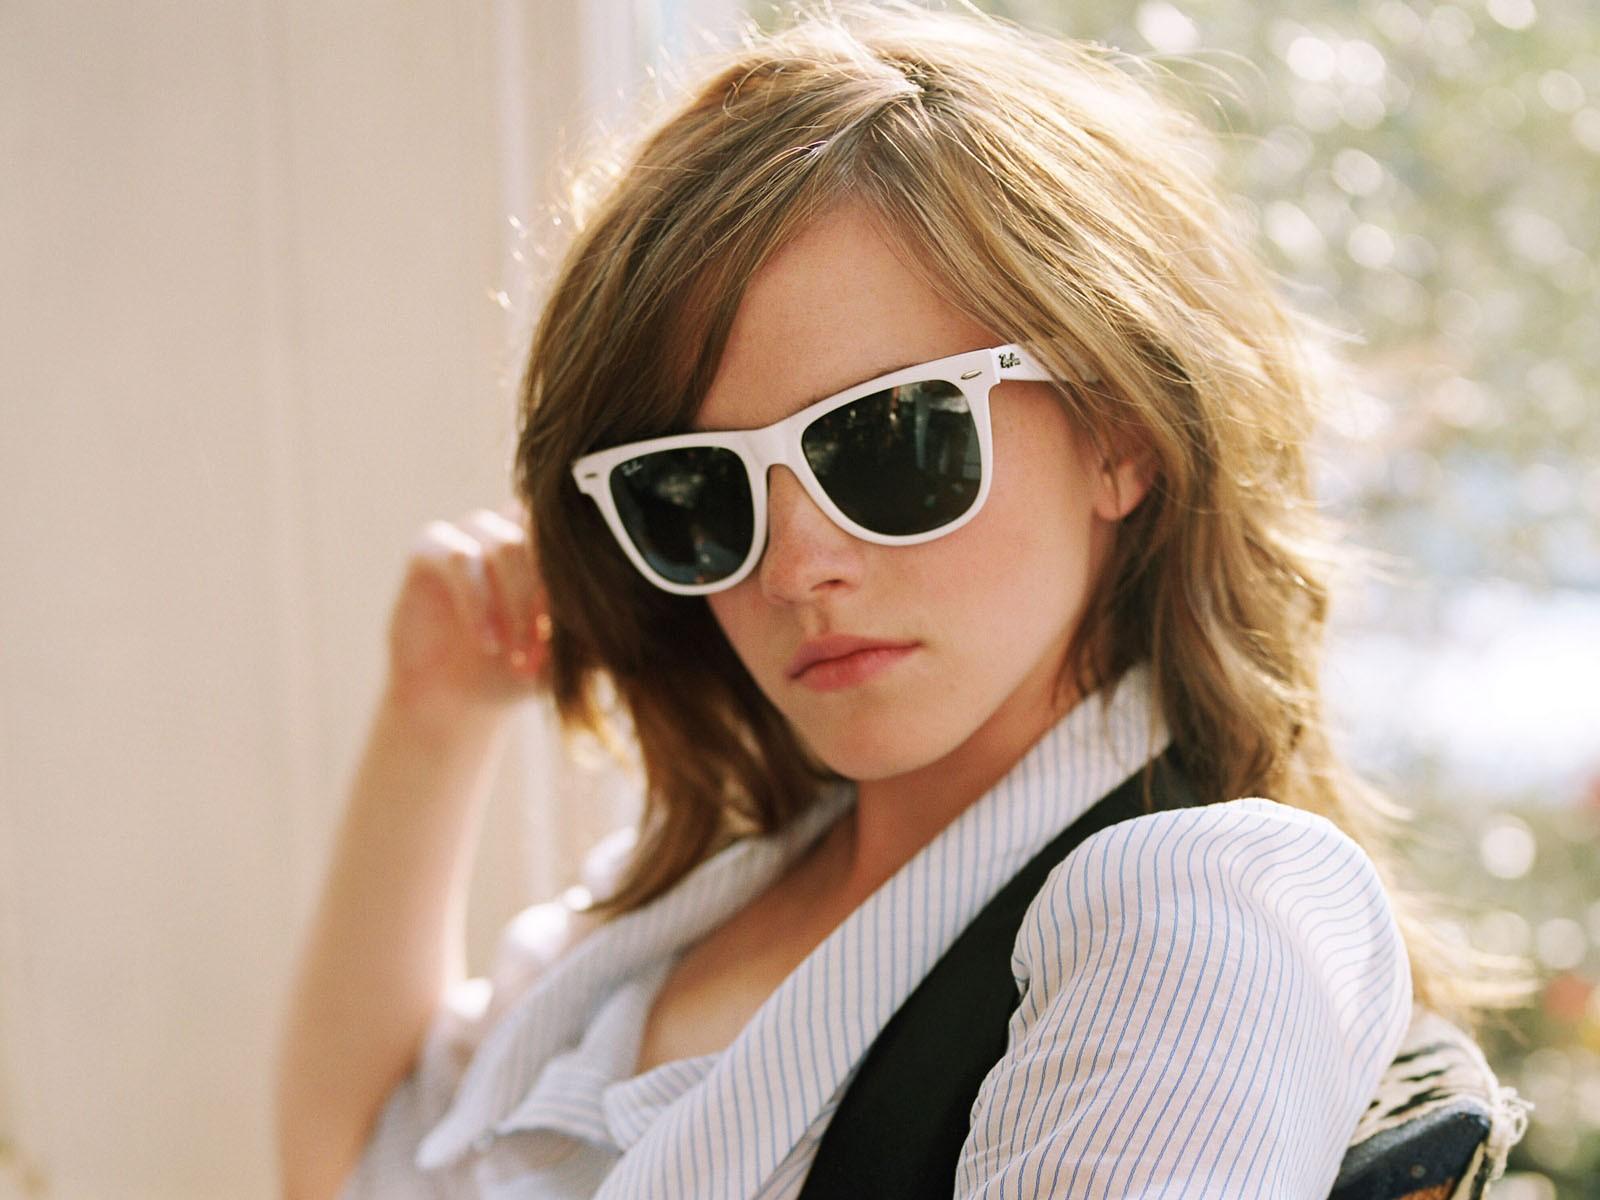 http://2.bp.blogspot.com/-o5xL5aLeCck/T9kNX-f2-3I/AAAAAAAAHJg/cjZj1VZOeLE/s1600/Wallpapers+de+Emma+Watson,+Imagenes+-+Www.10Pixeles.Com+%284%29.jpg